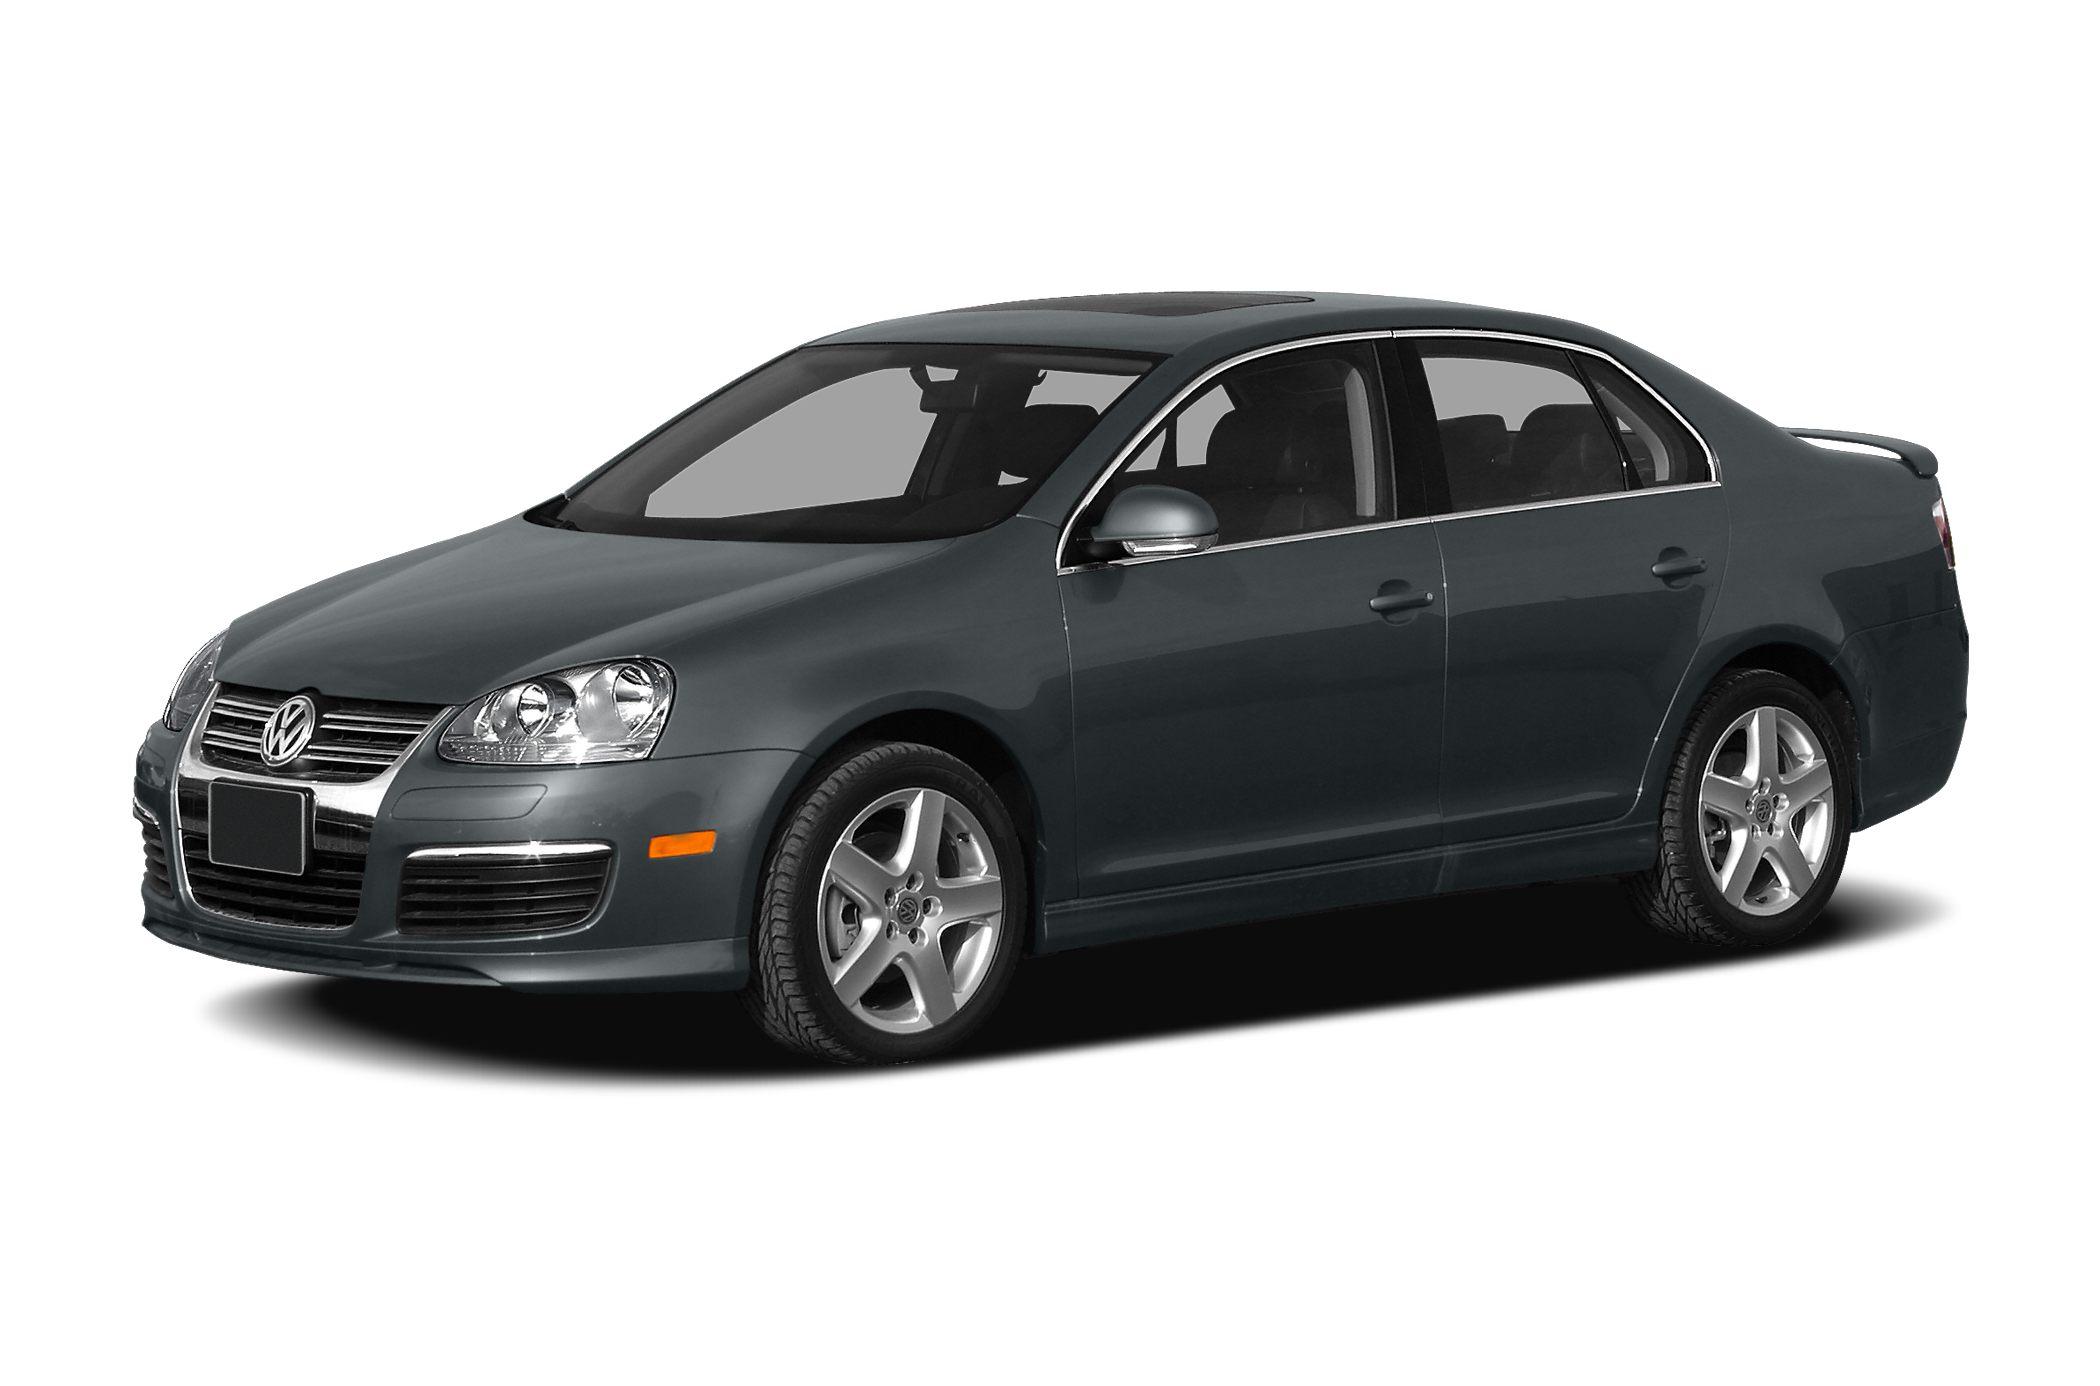 2010 Volkswagen Jetta Recalls